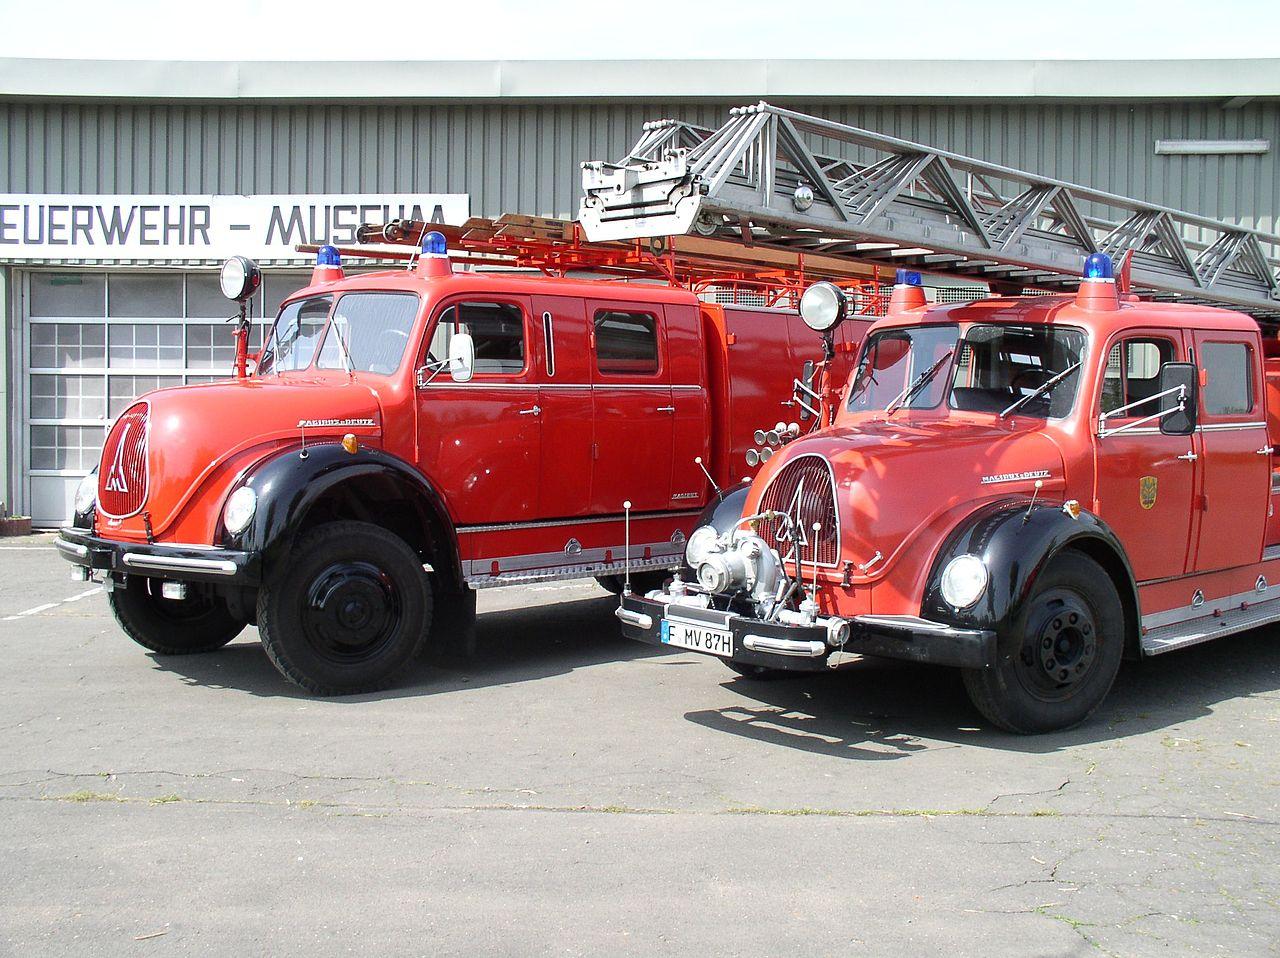 Bild Feuerwehr Museum am Alten Flugplatz Frankfurt am Main